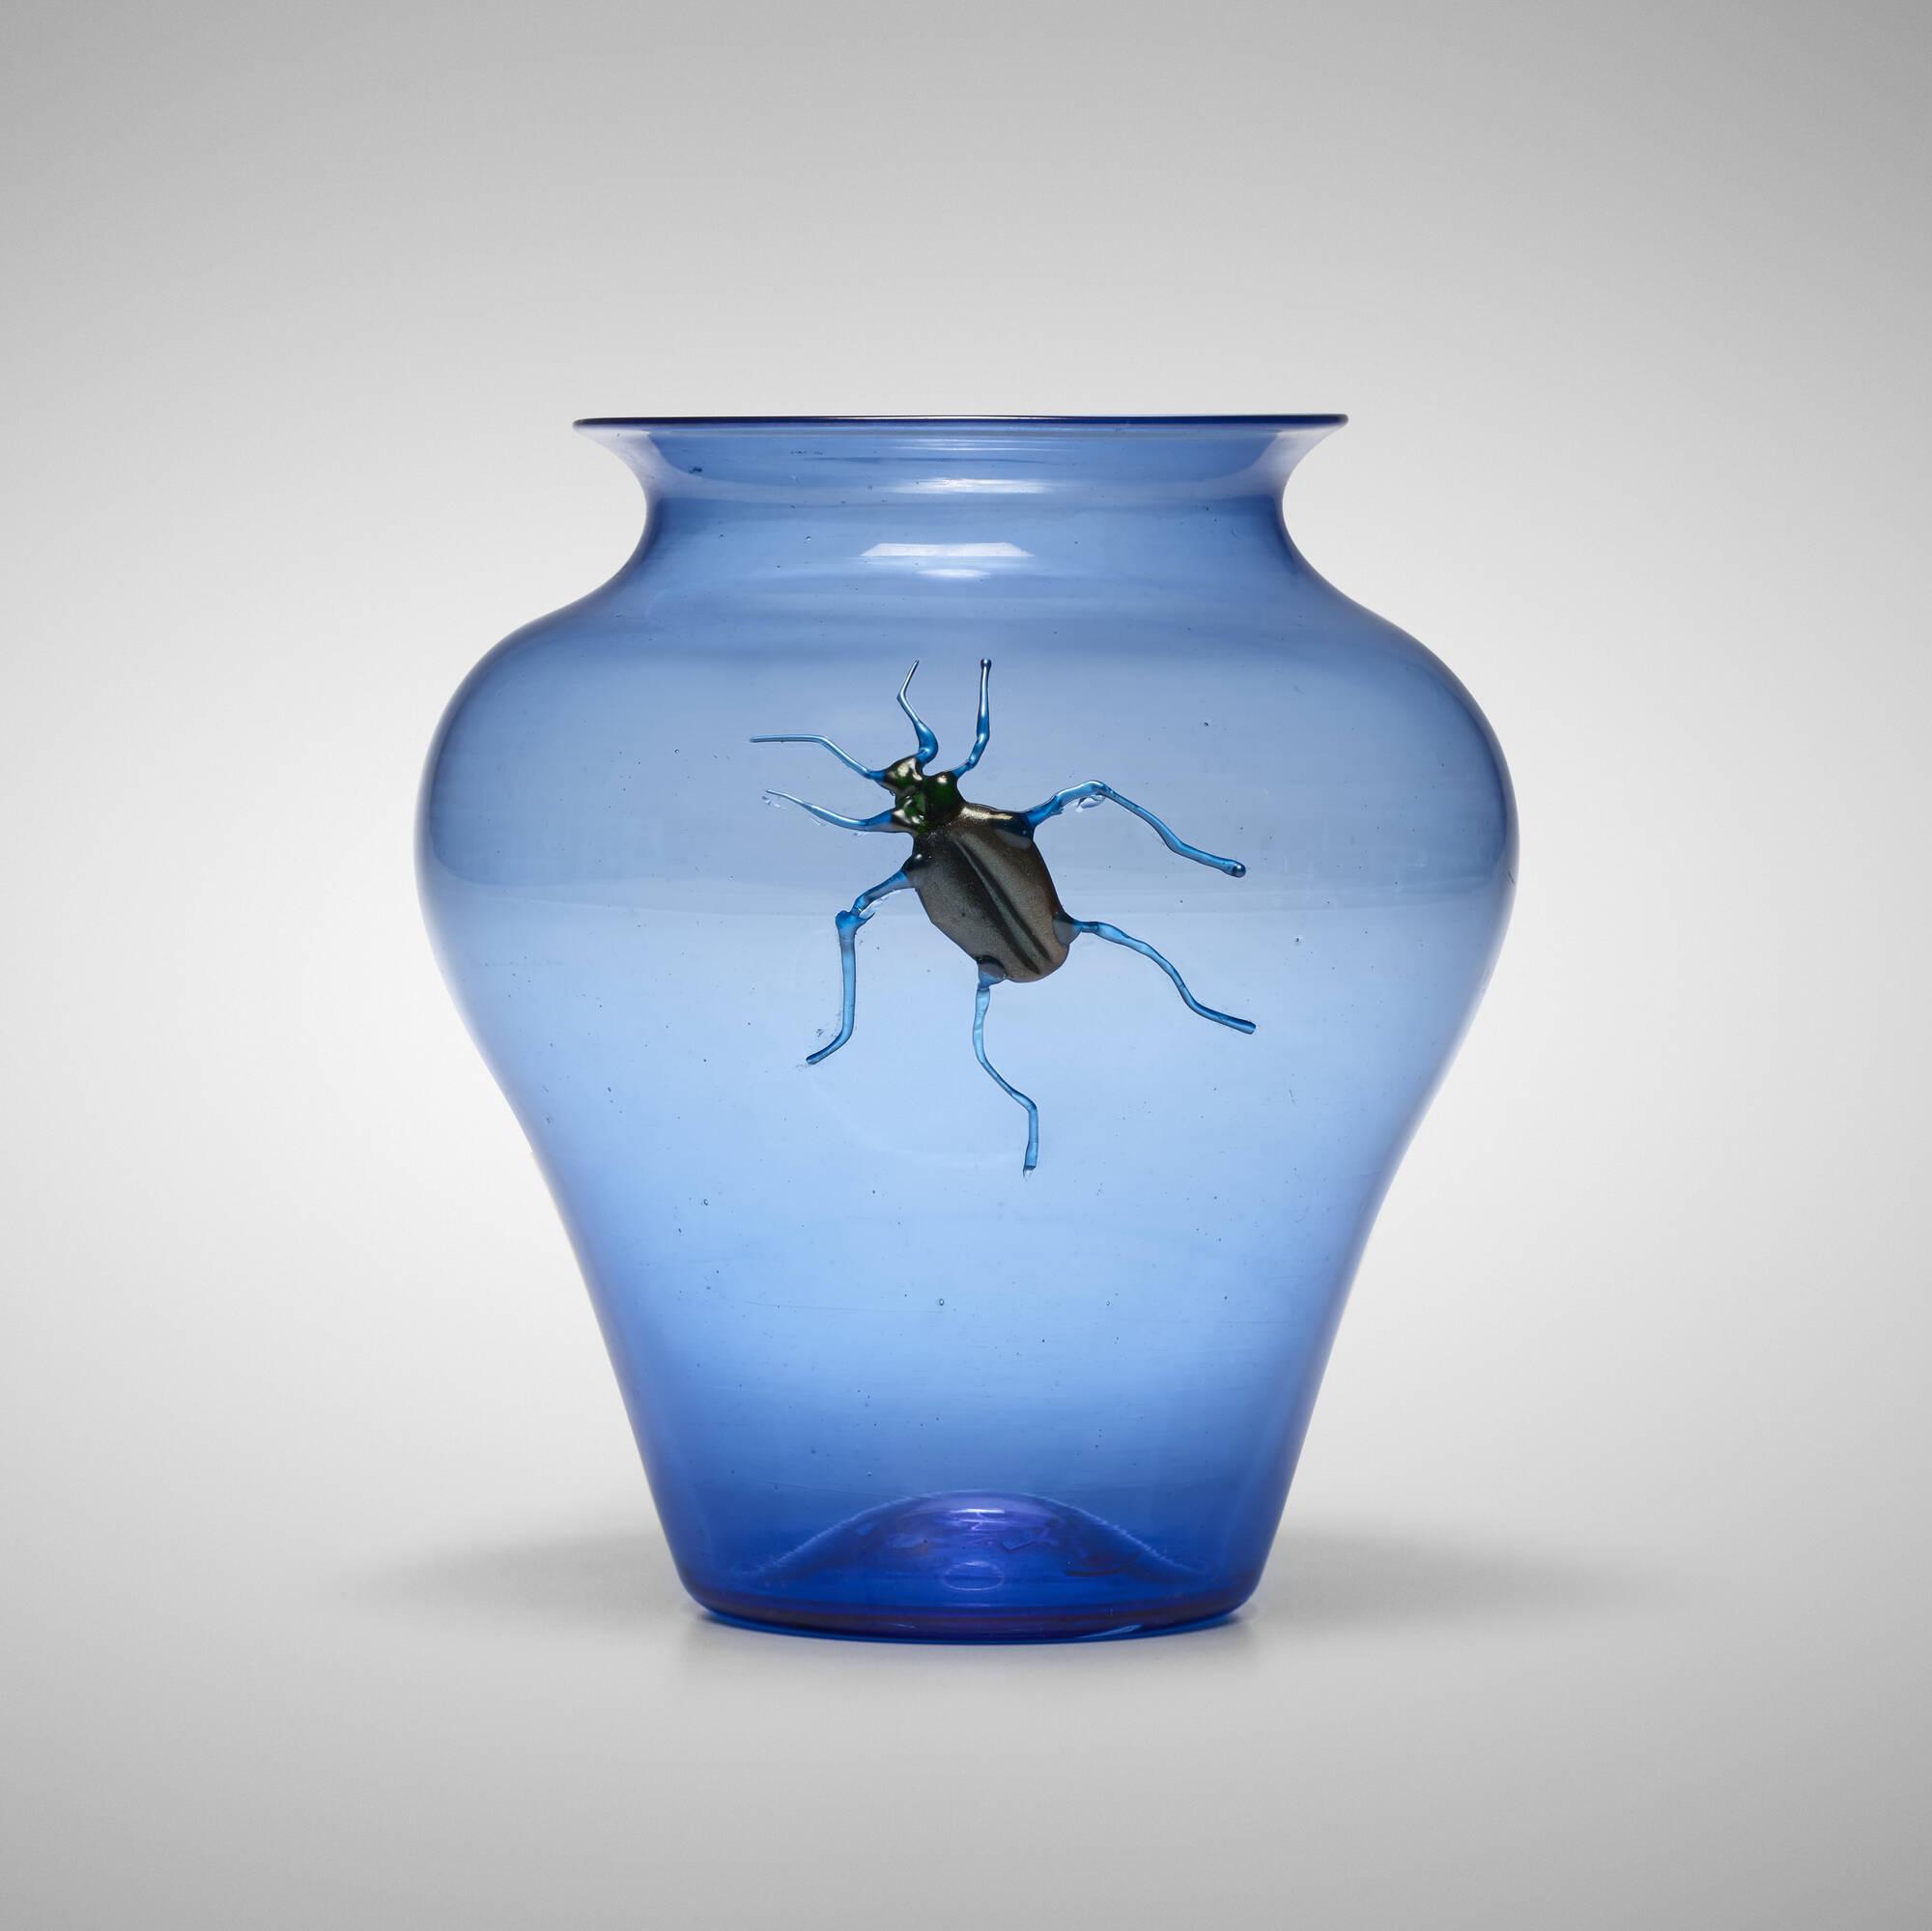 100: Artistica Barovier, attribution / vase (1 of 2)